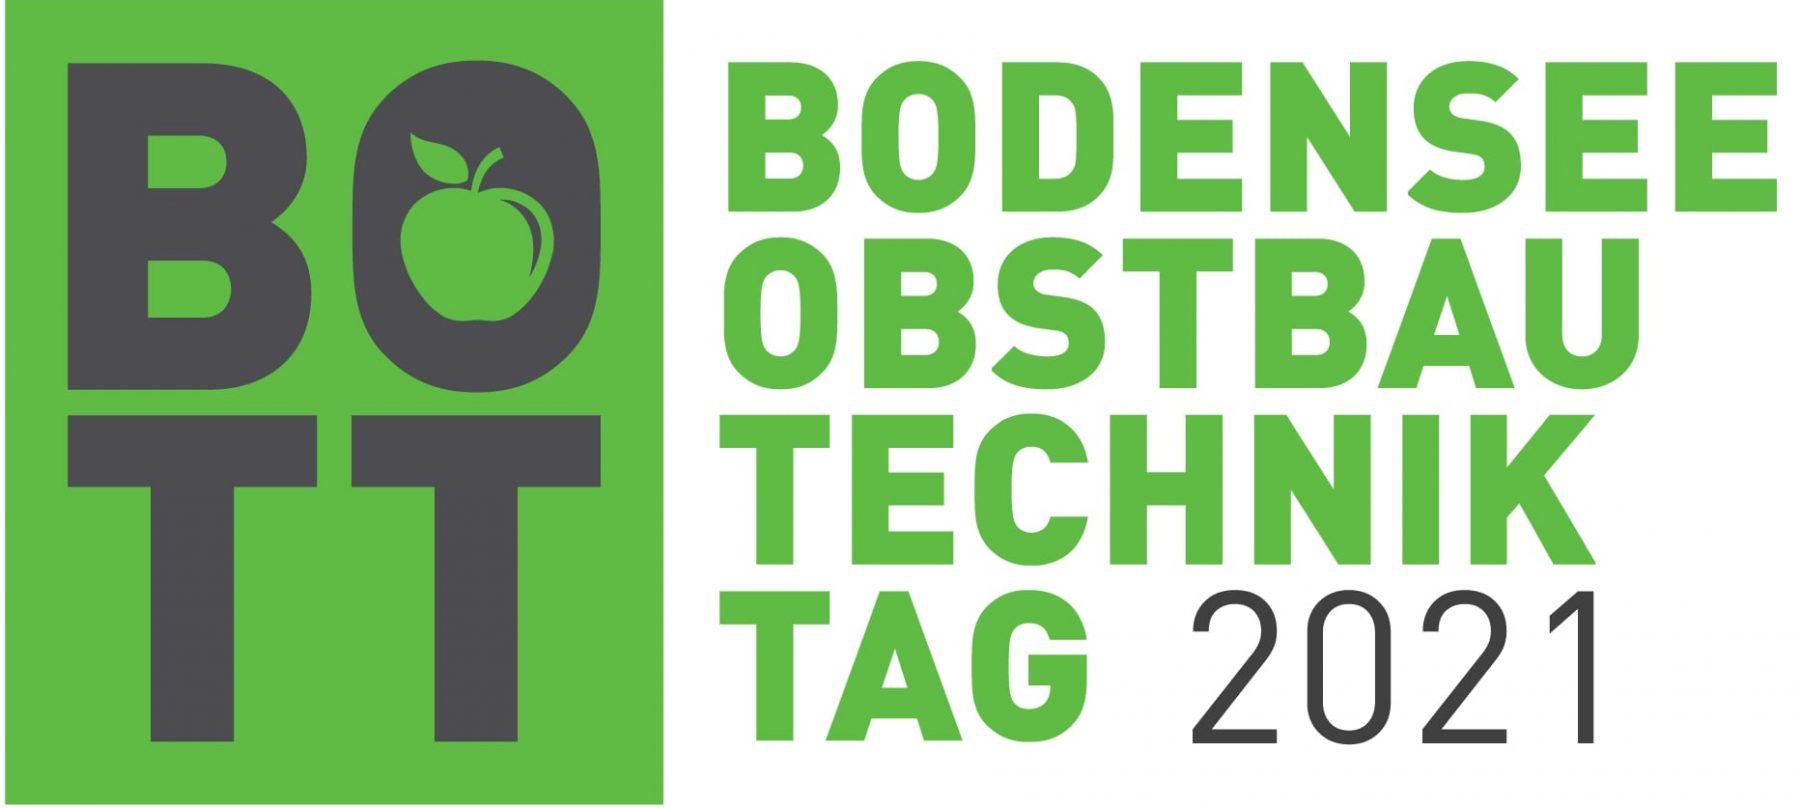 Die Robot Makers GmbH stellt auf dem #BOTT2021 aus.